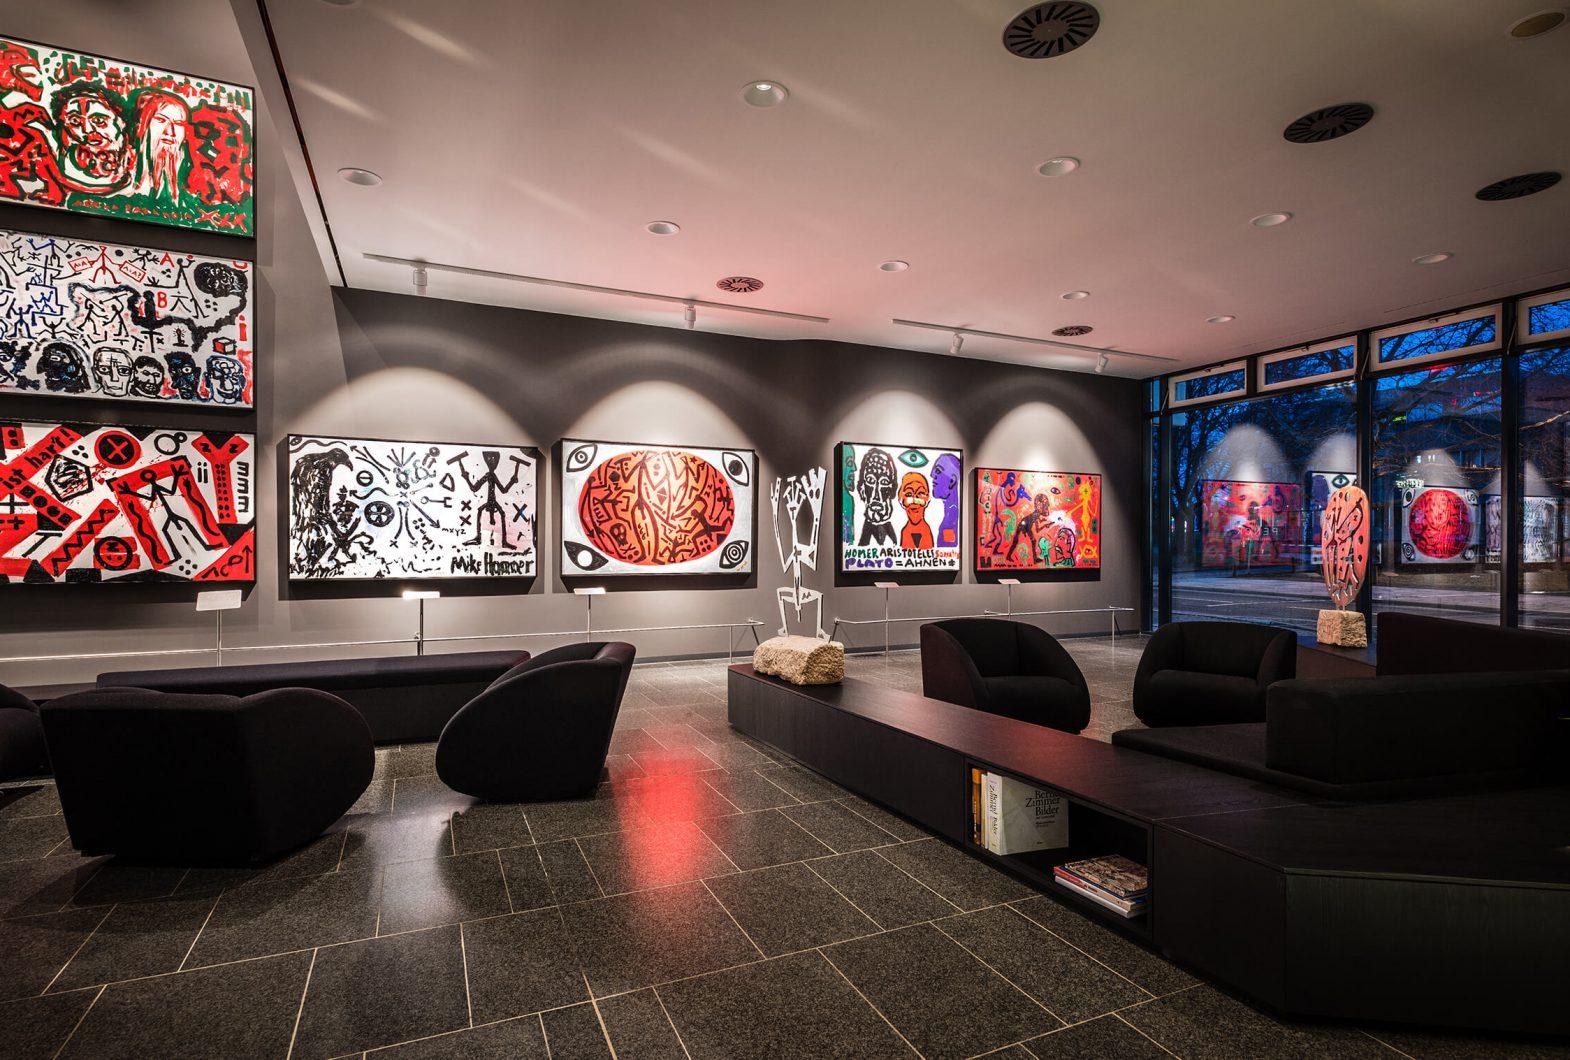 Hotellobby mit zahlreichen Penck-Kunstwerken